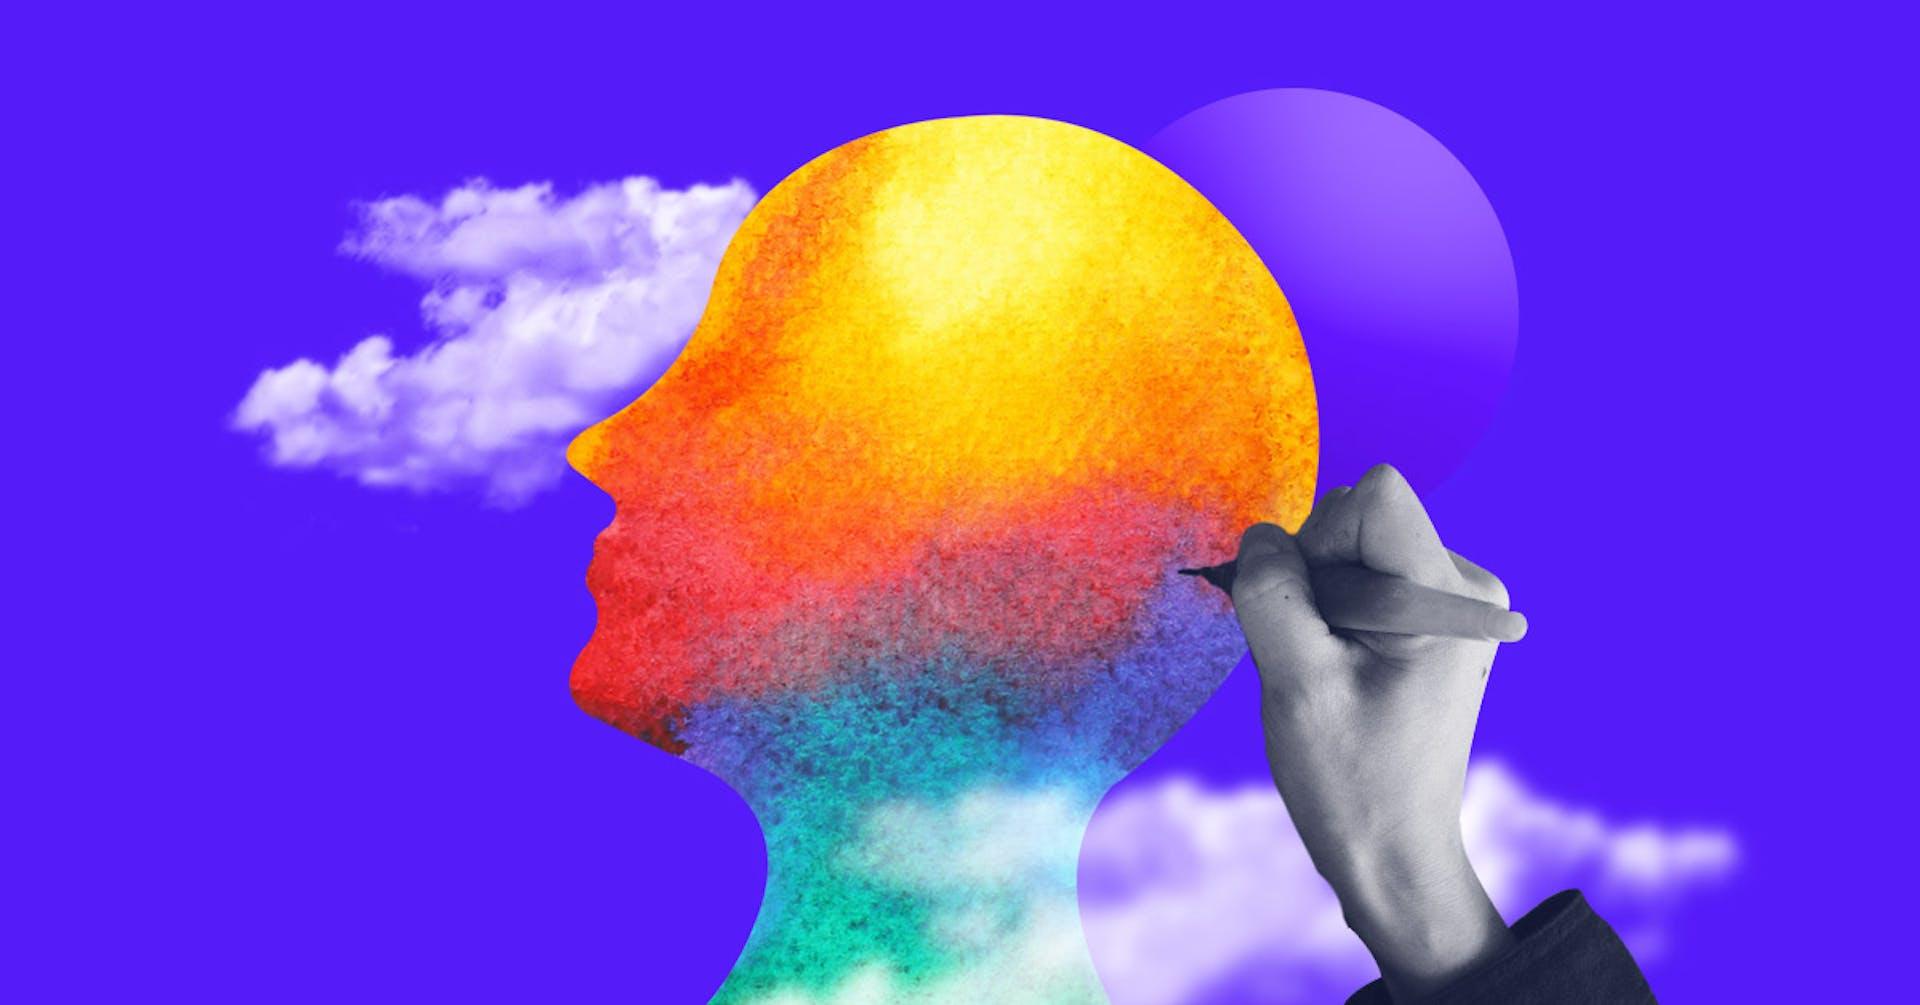 ¿Cómo dibujar emociones? Expresa tus sentimientos a través del dibujo